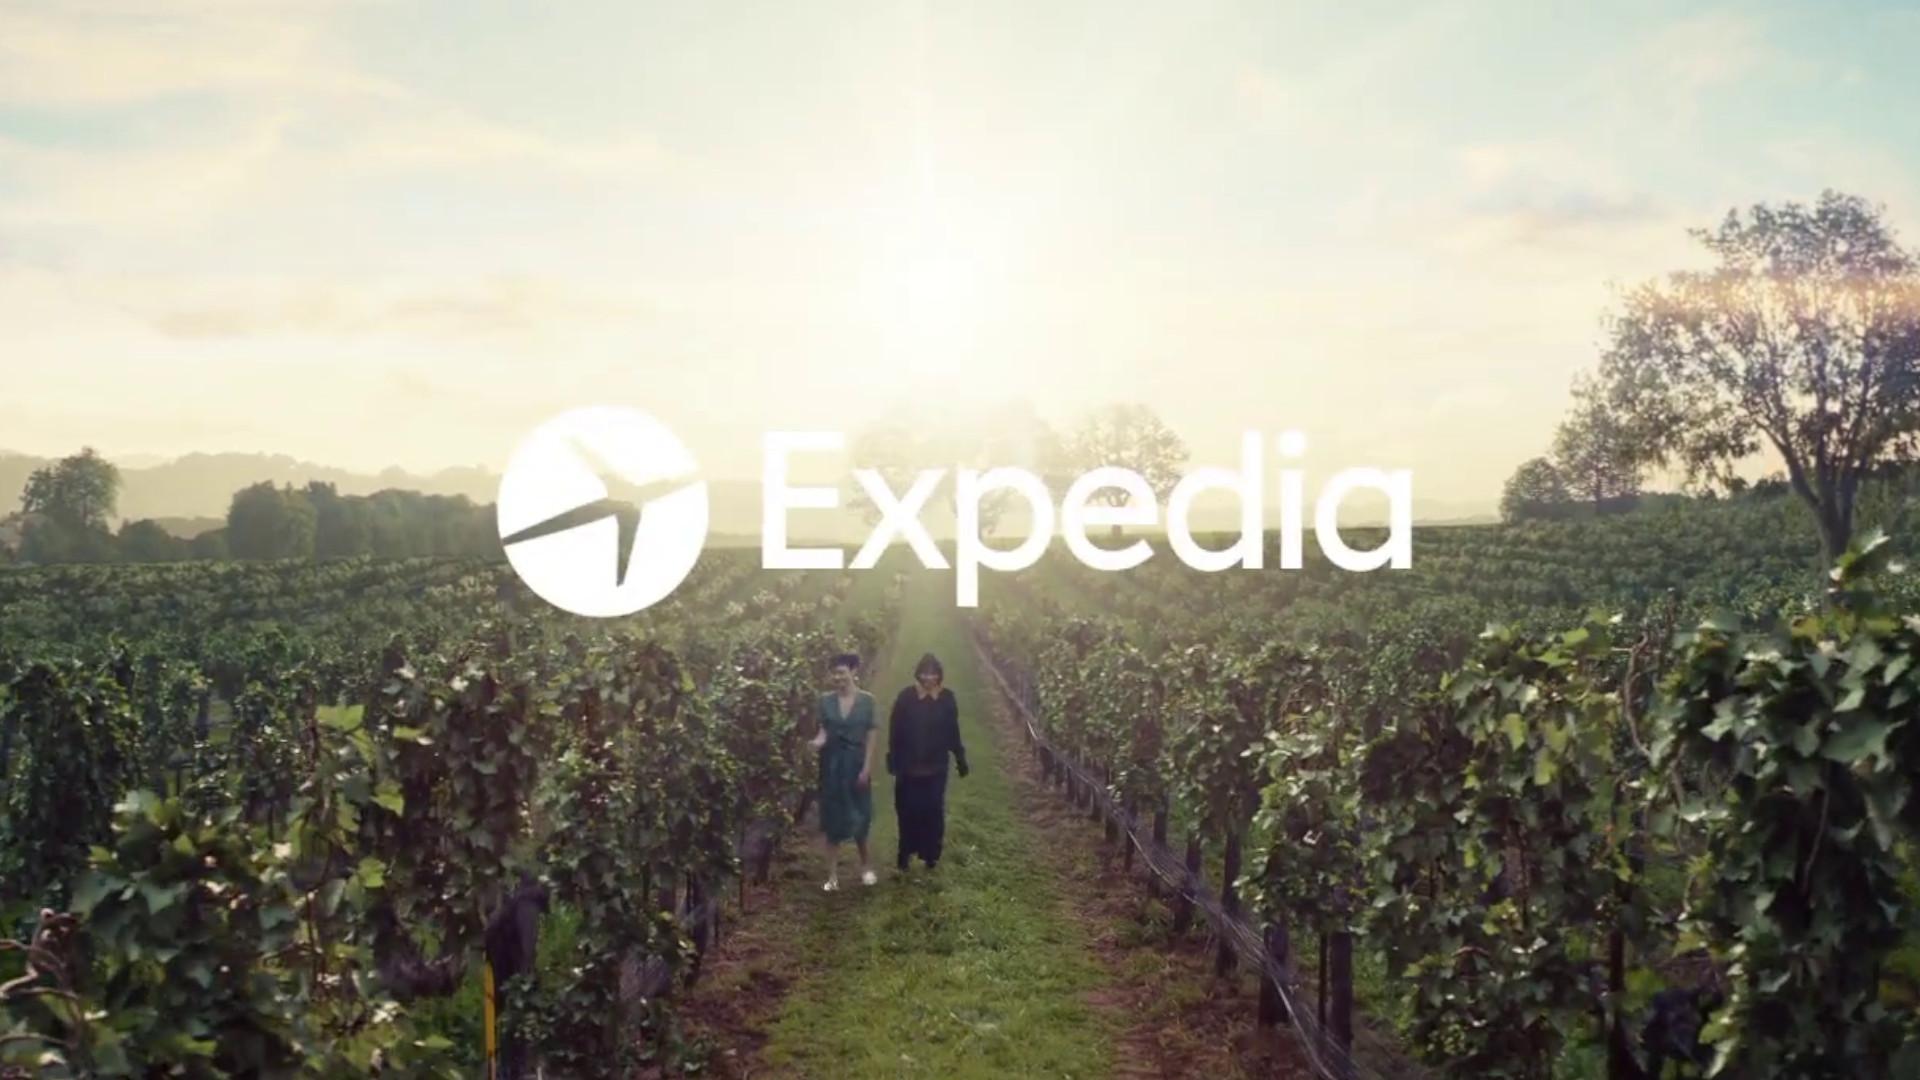 Expedia Rebrand, Reimagine Post-Vaccination Travel